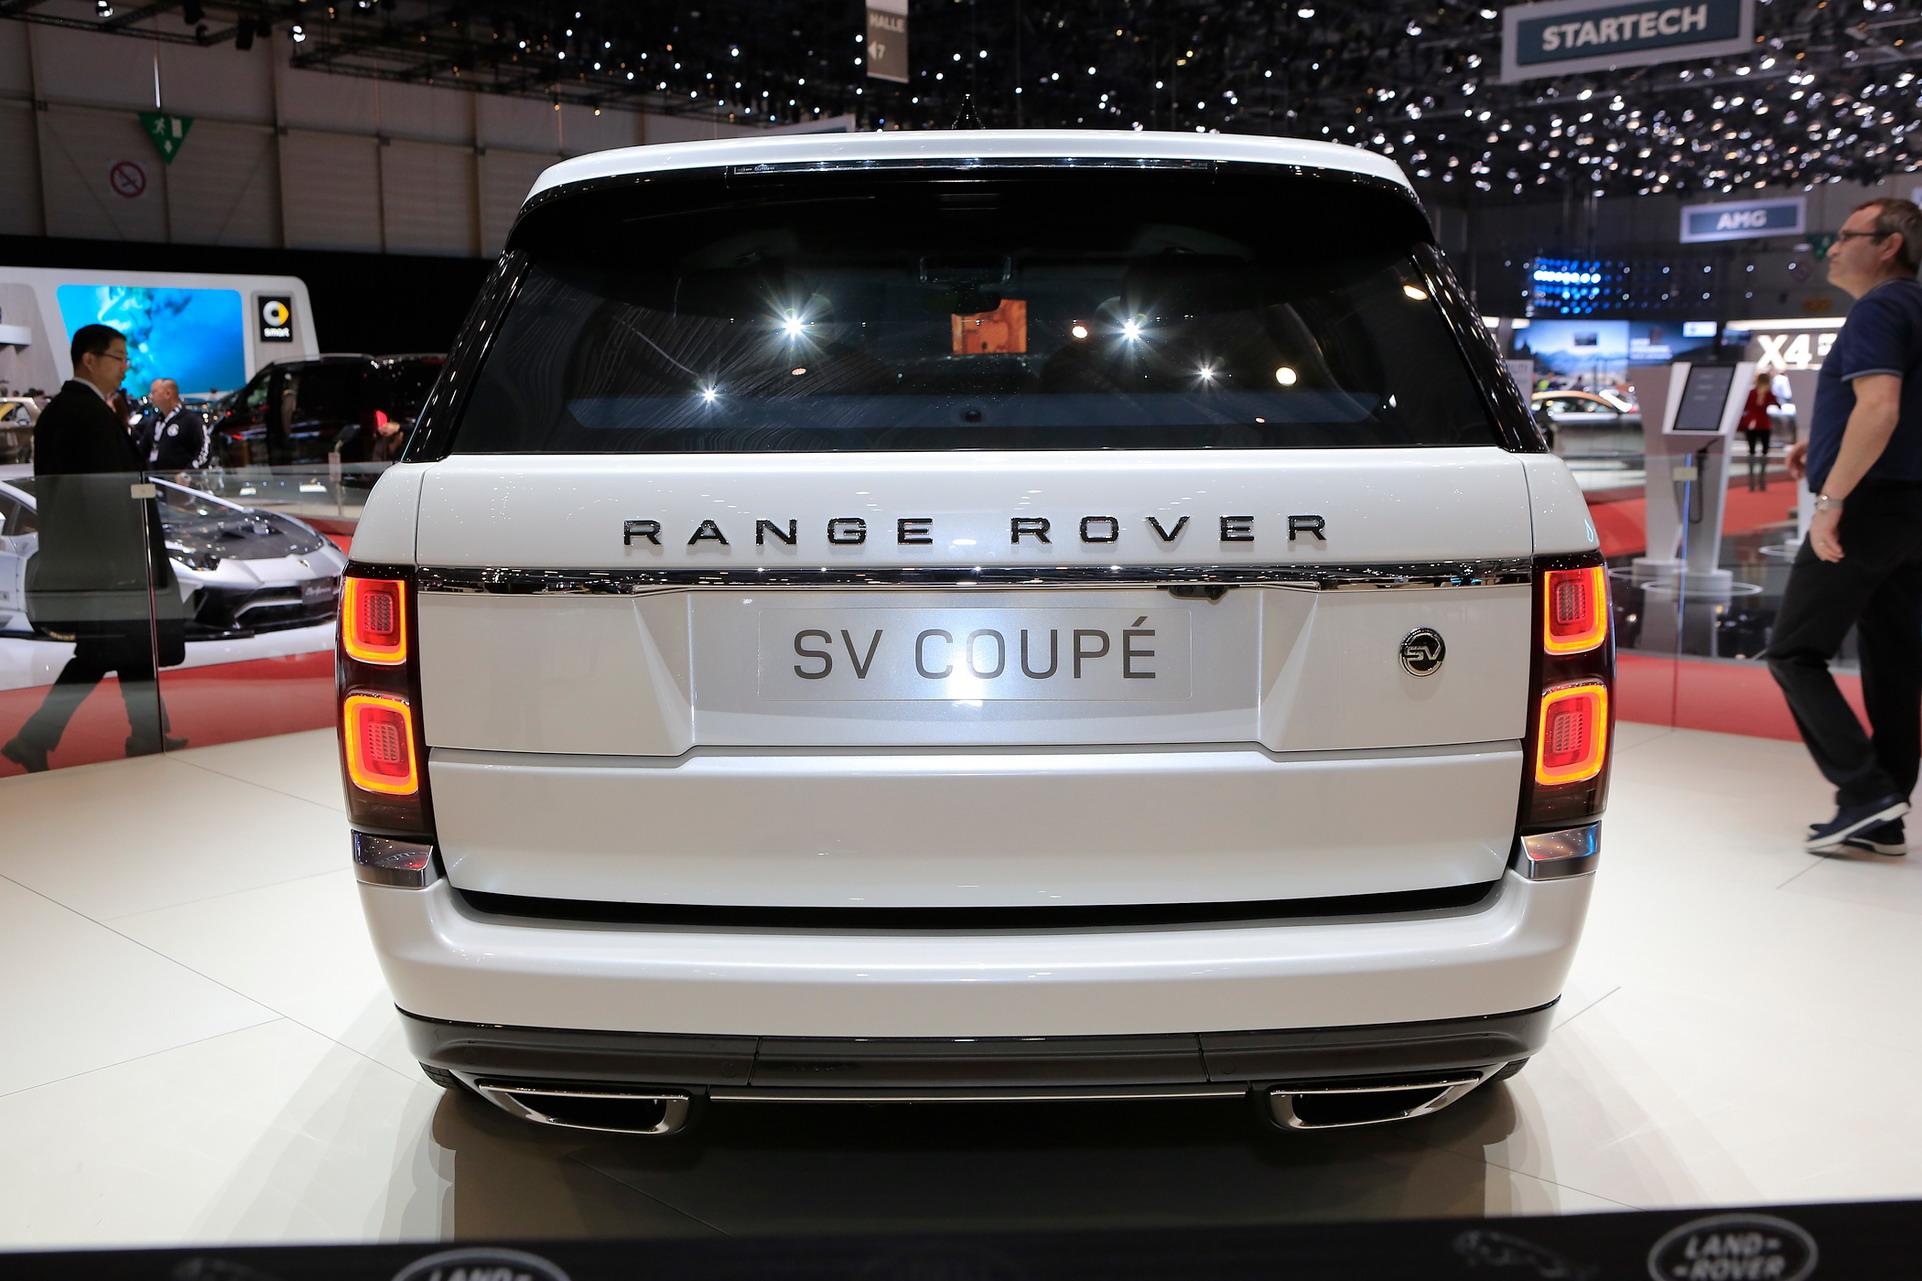 range-rover-sv-coupe-10.jpg